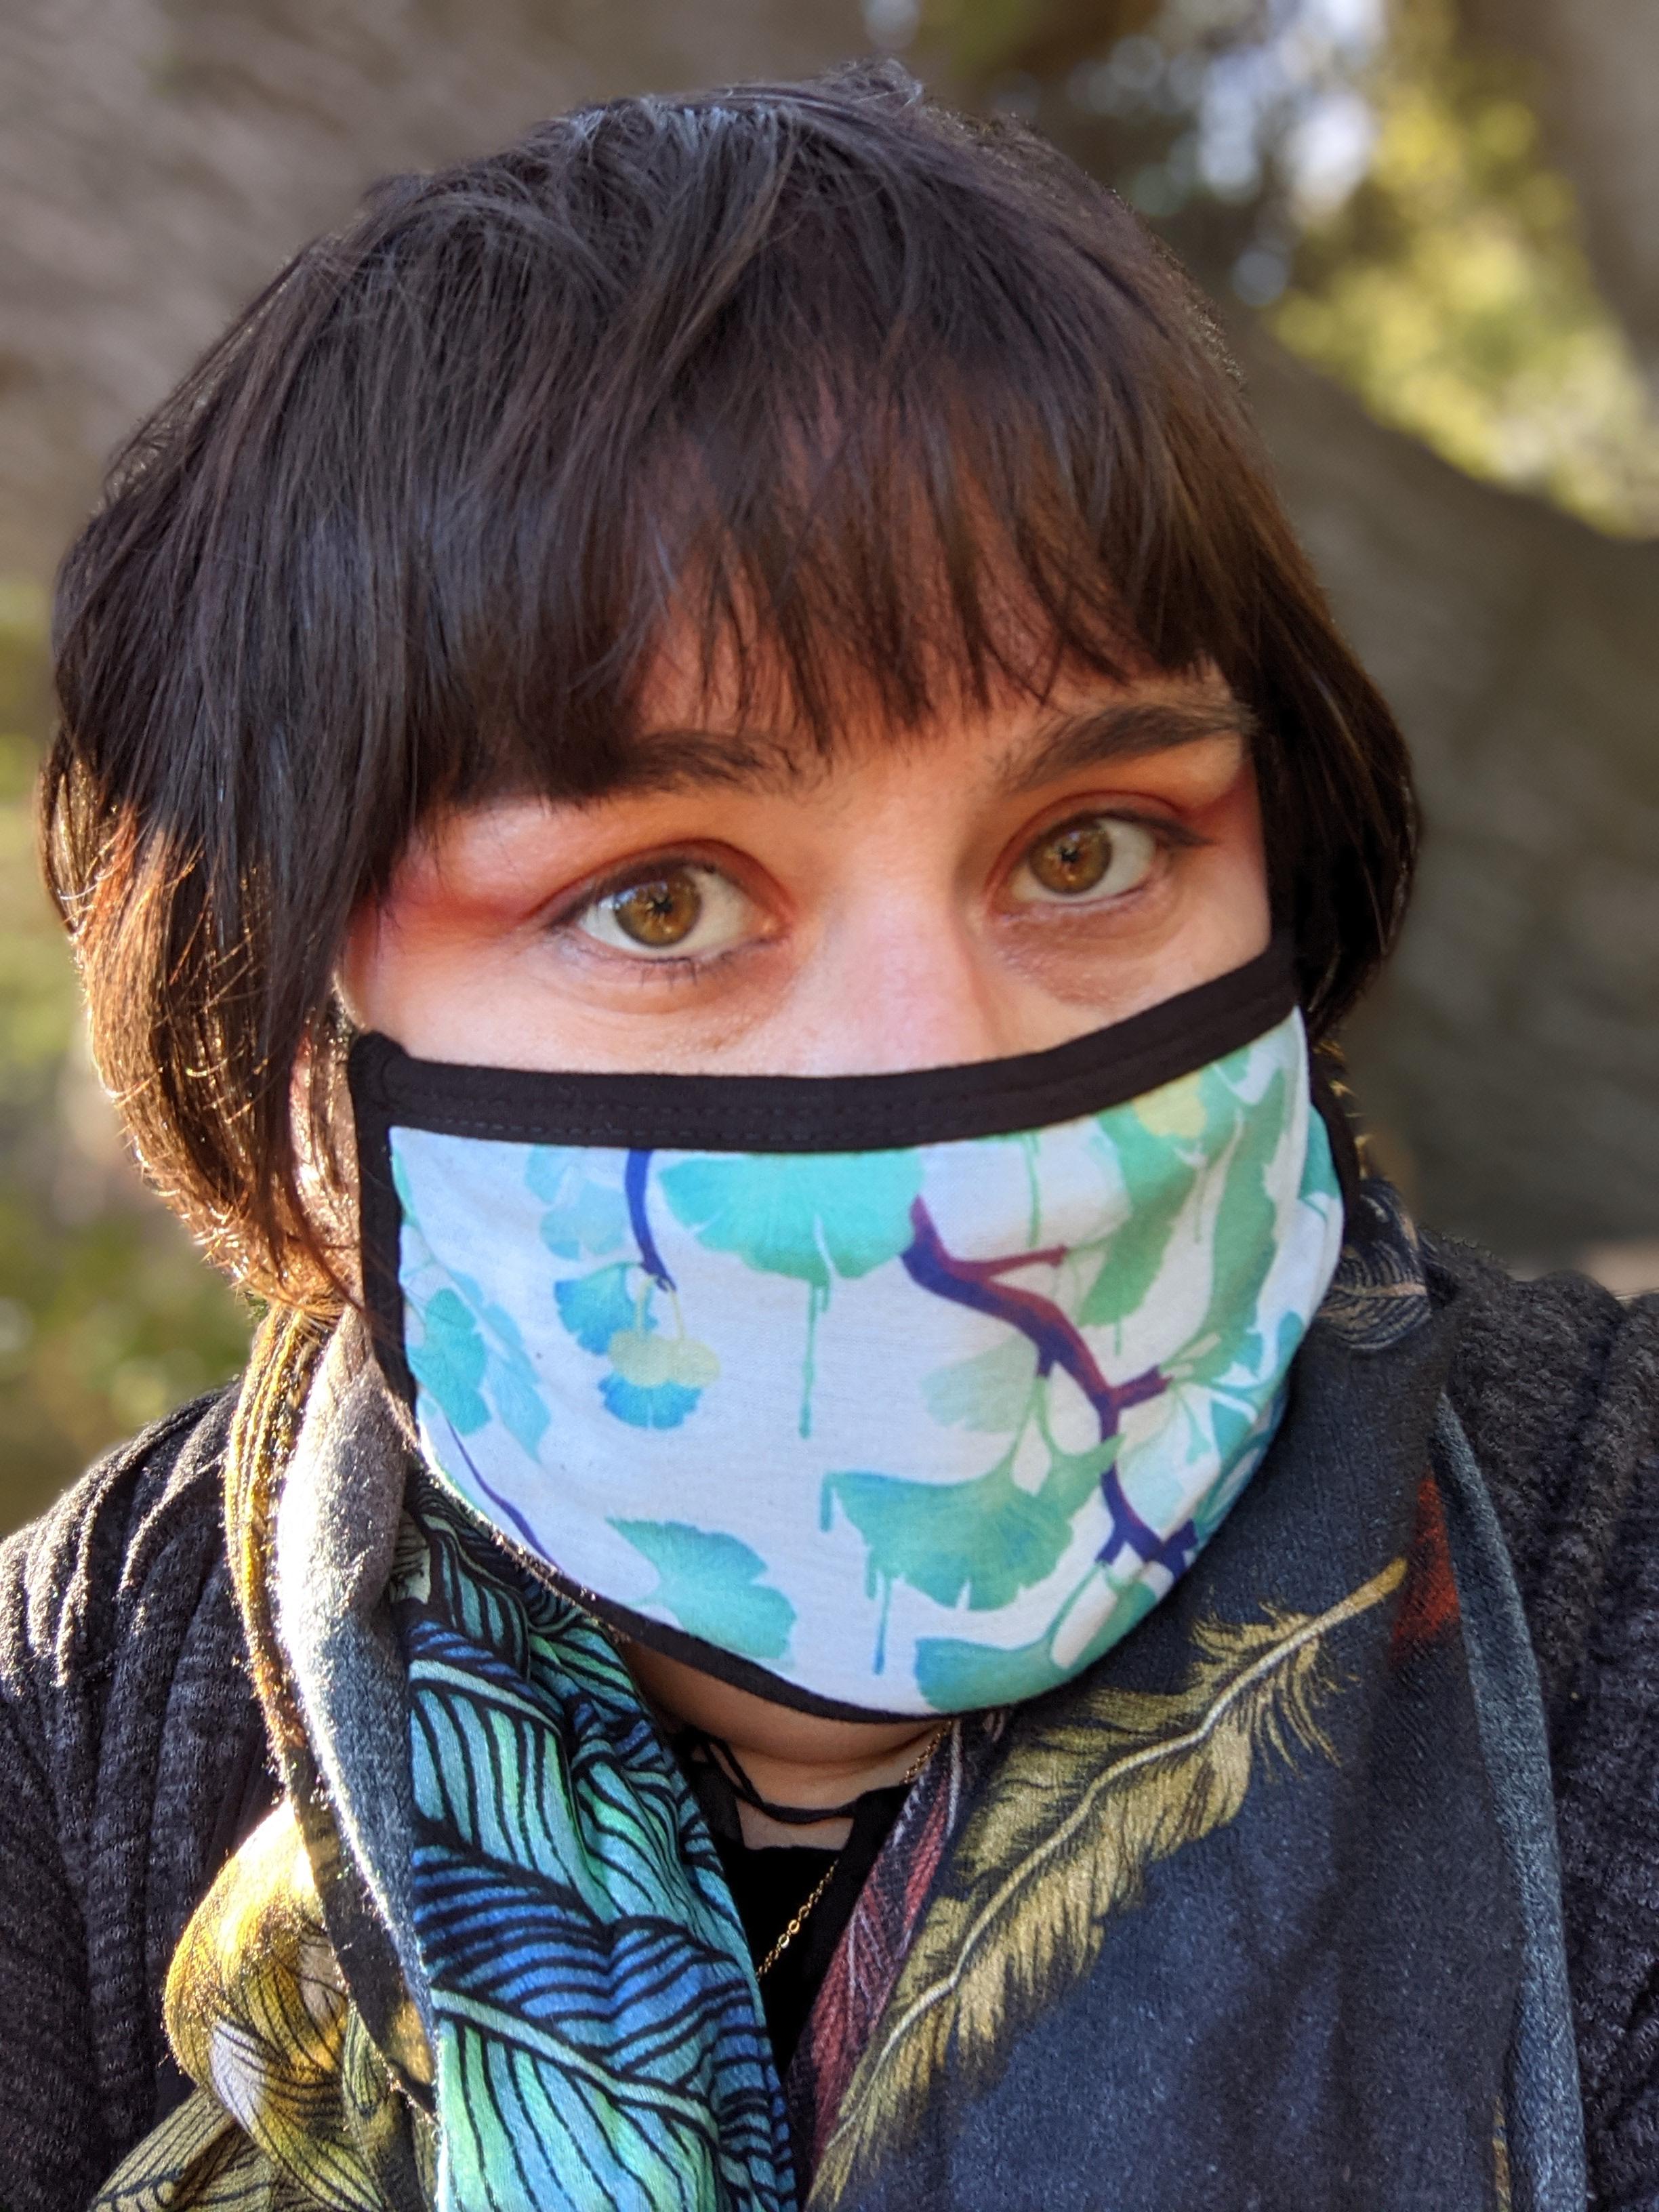 Kari Flickinger – WRITER, ARTIST & STORYTELLER